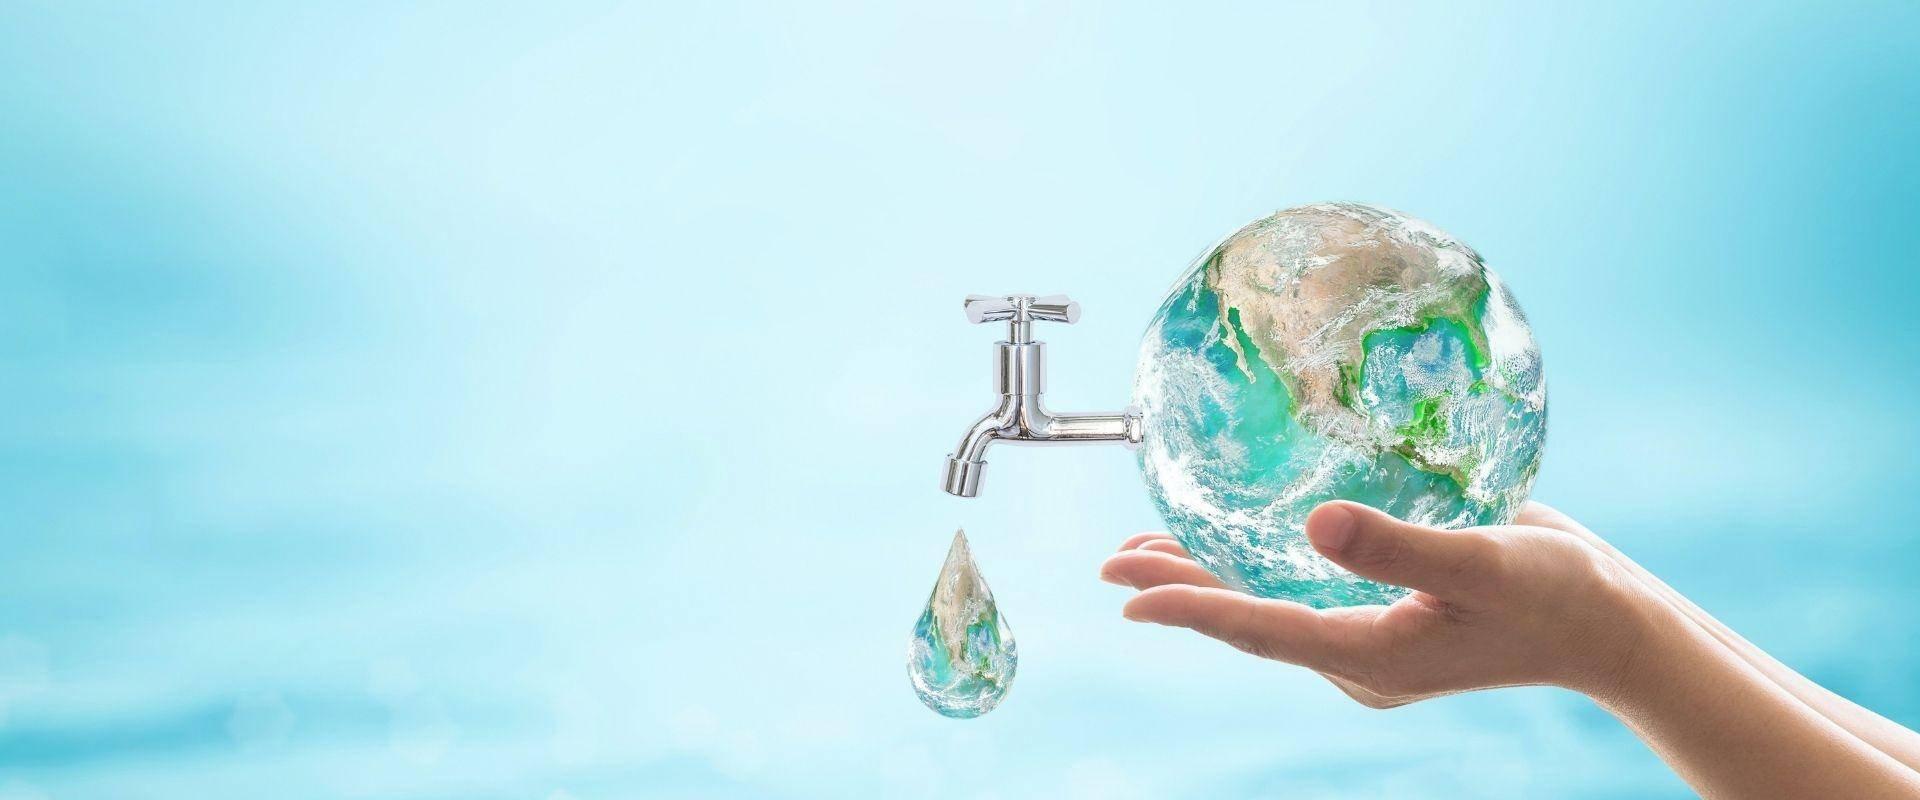 Limitare i consumi dell'acqua è possibile?: Immagine